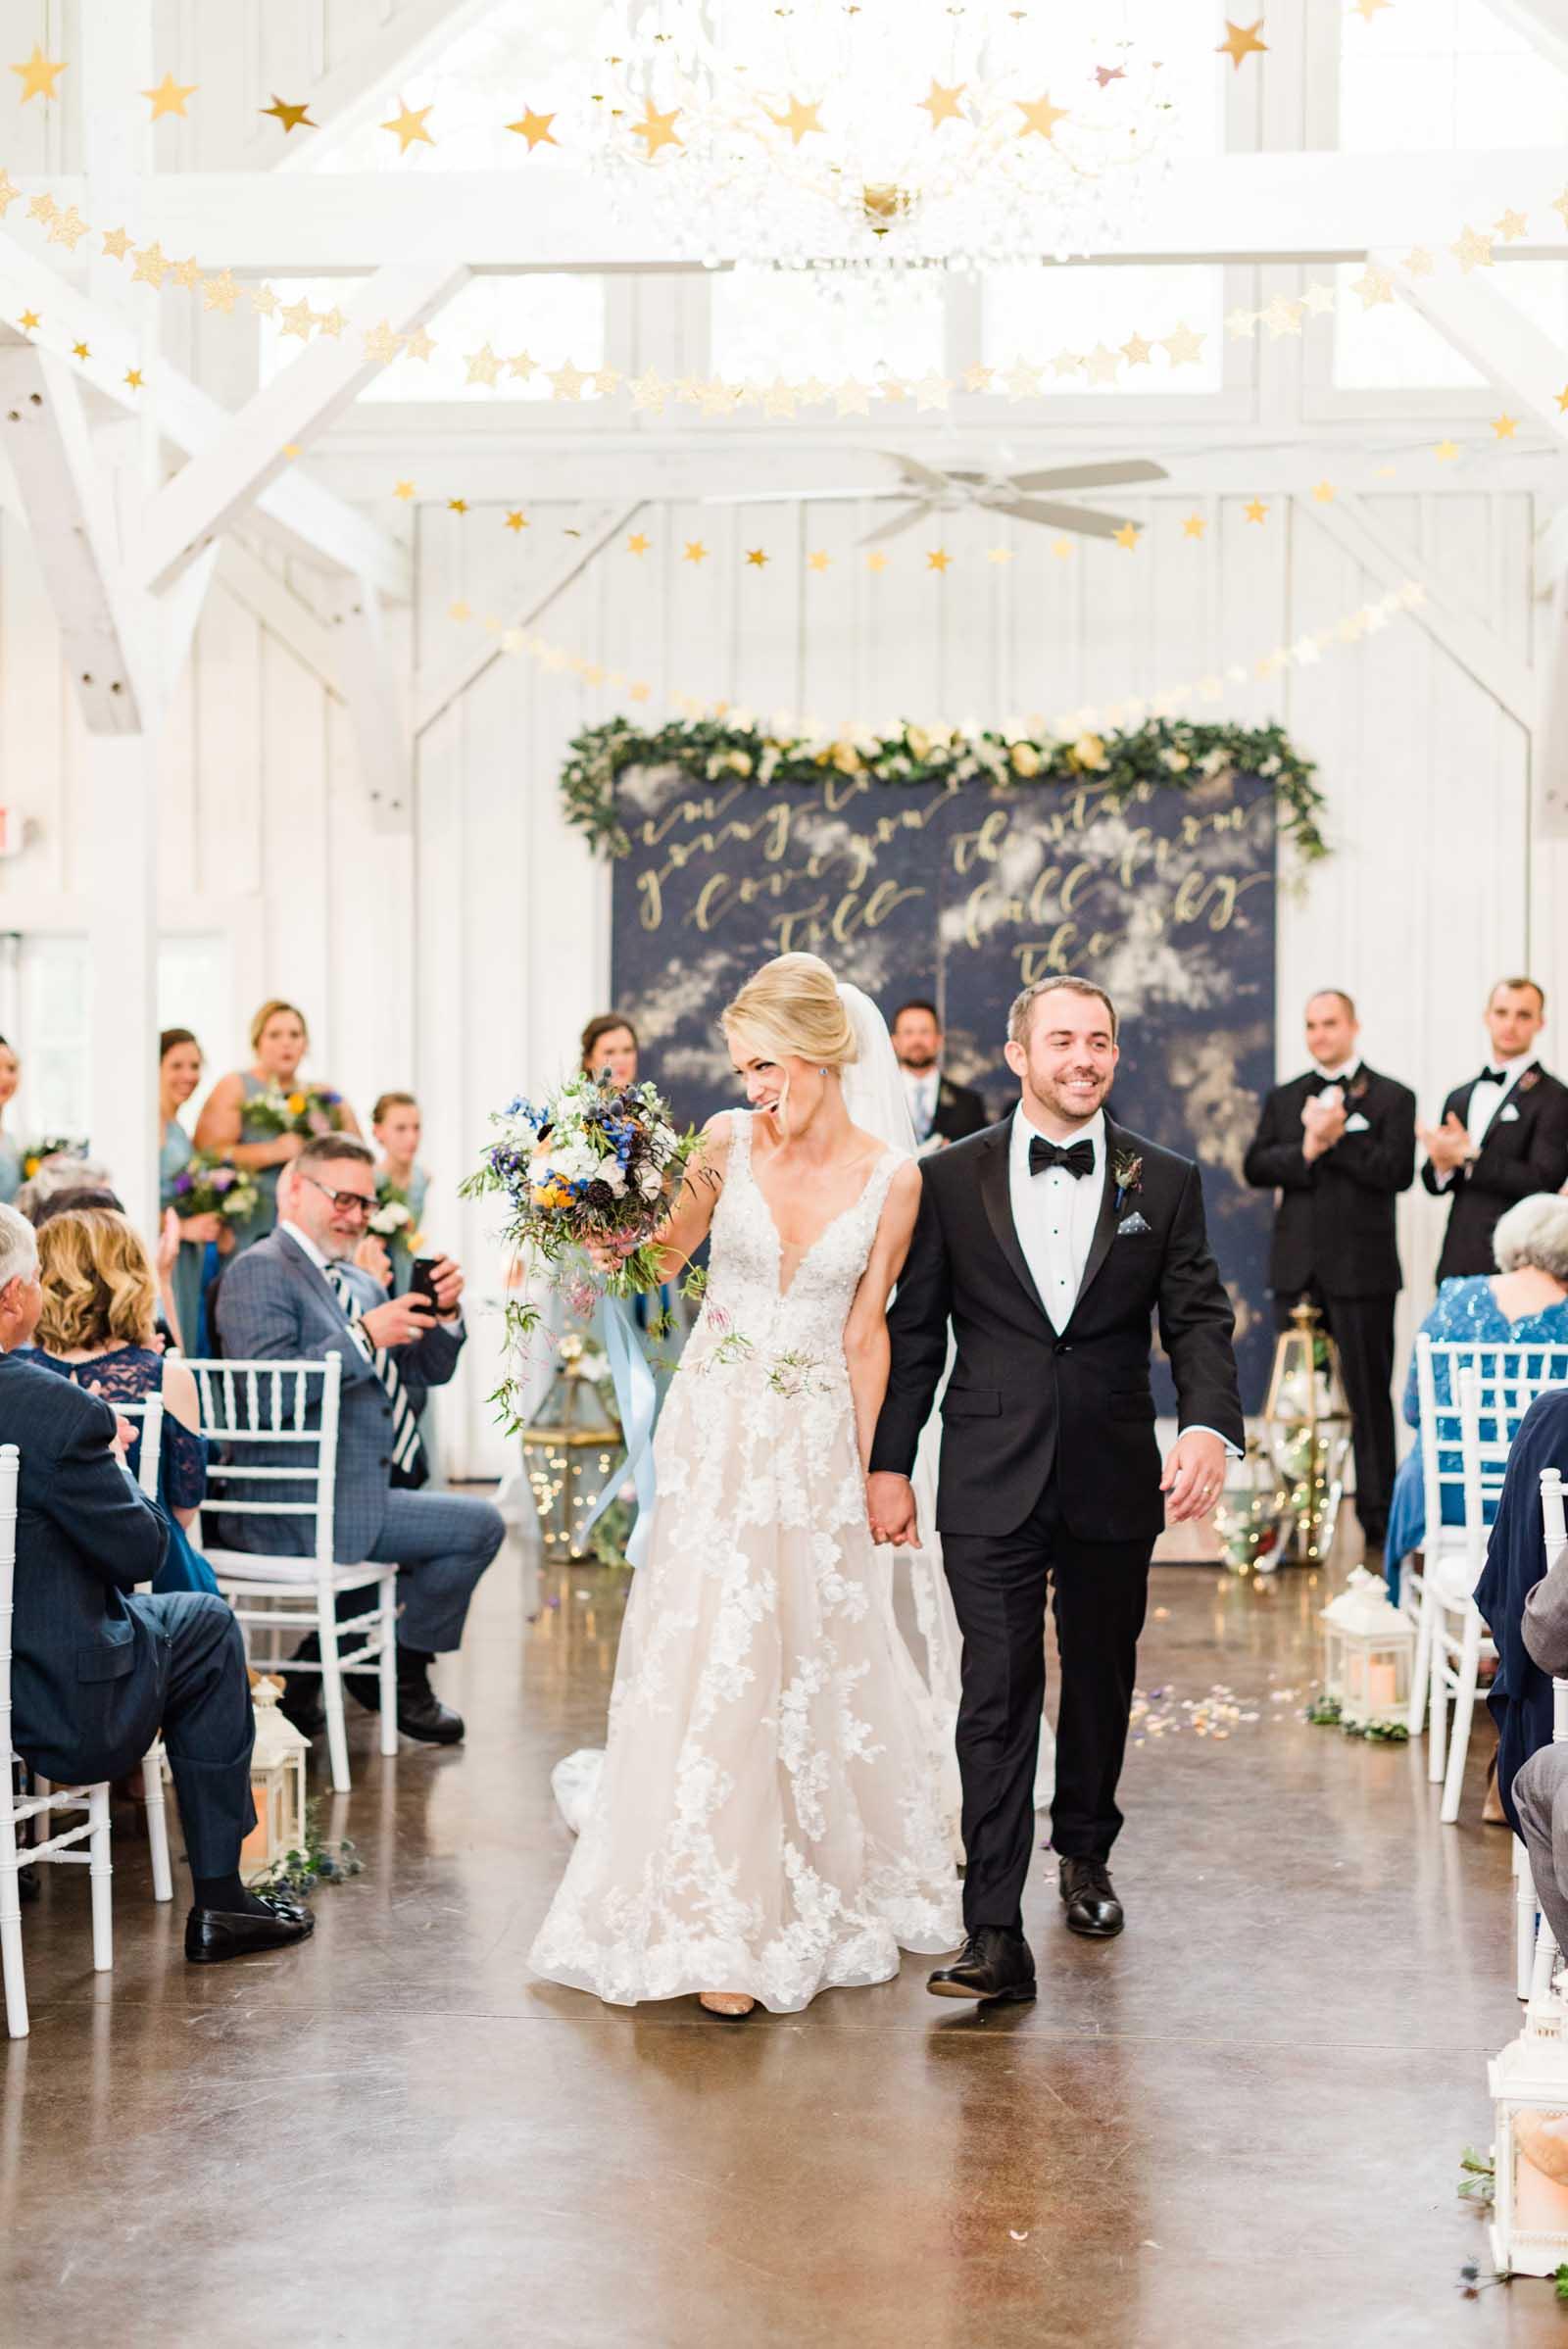 Aurora+Farms+Wedding+in+Greenville,+SC+Markie+Walden+Photography-84.jpg